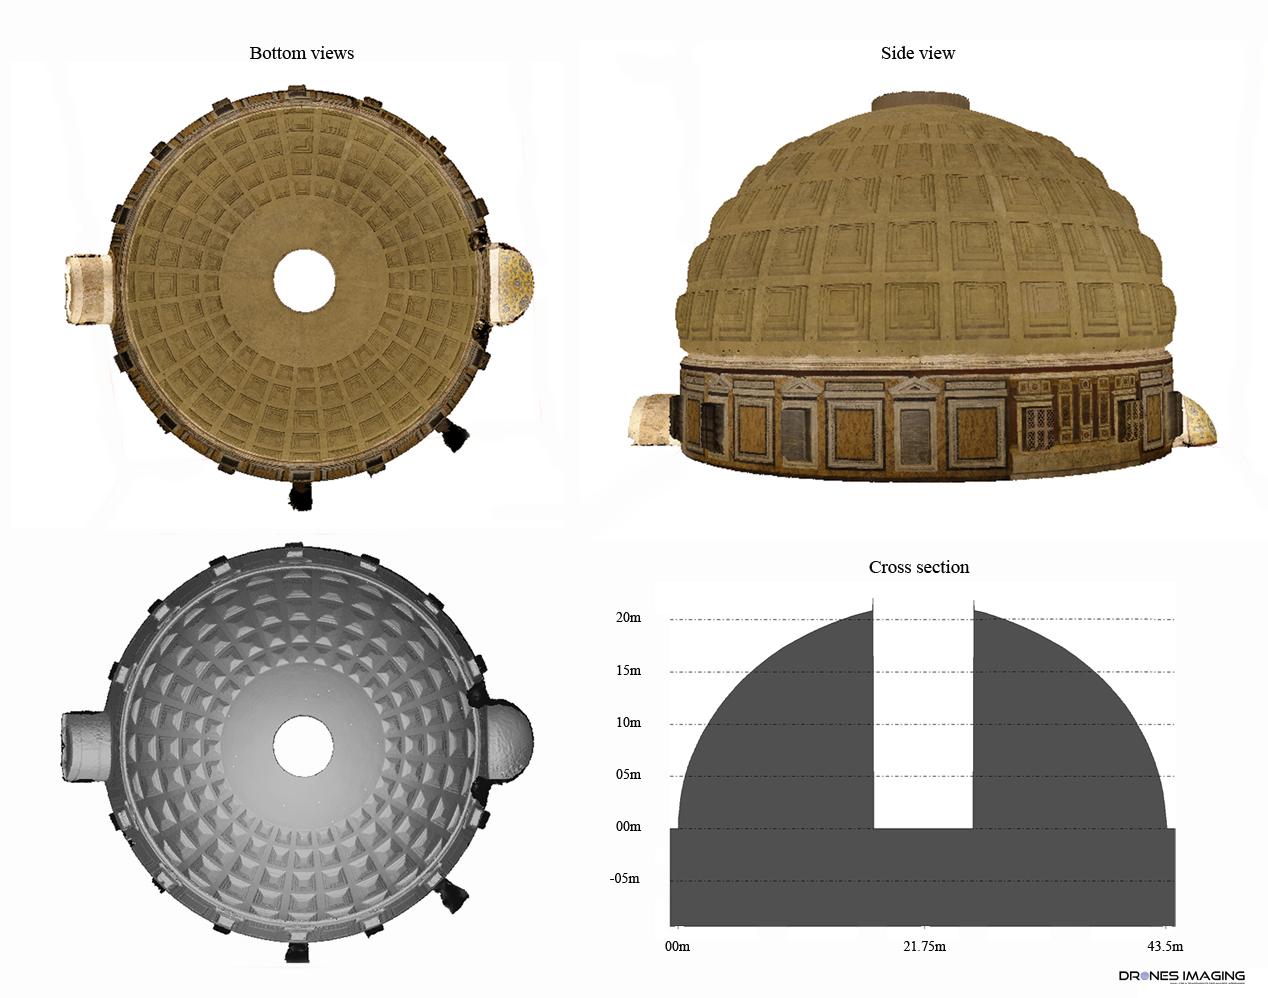 modelisation_Panthéon_Drones-Imaging©